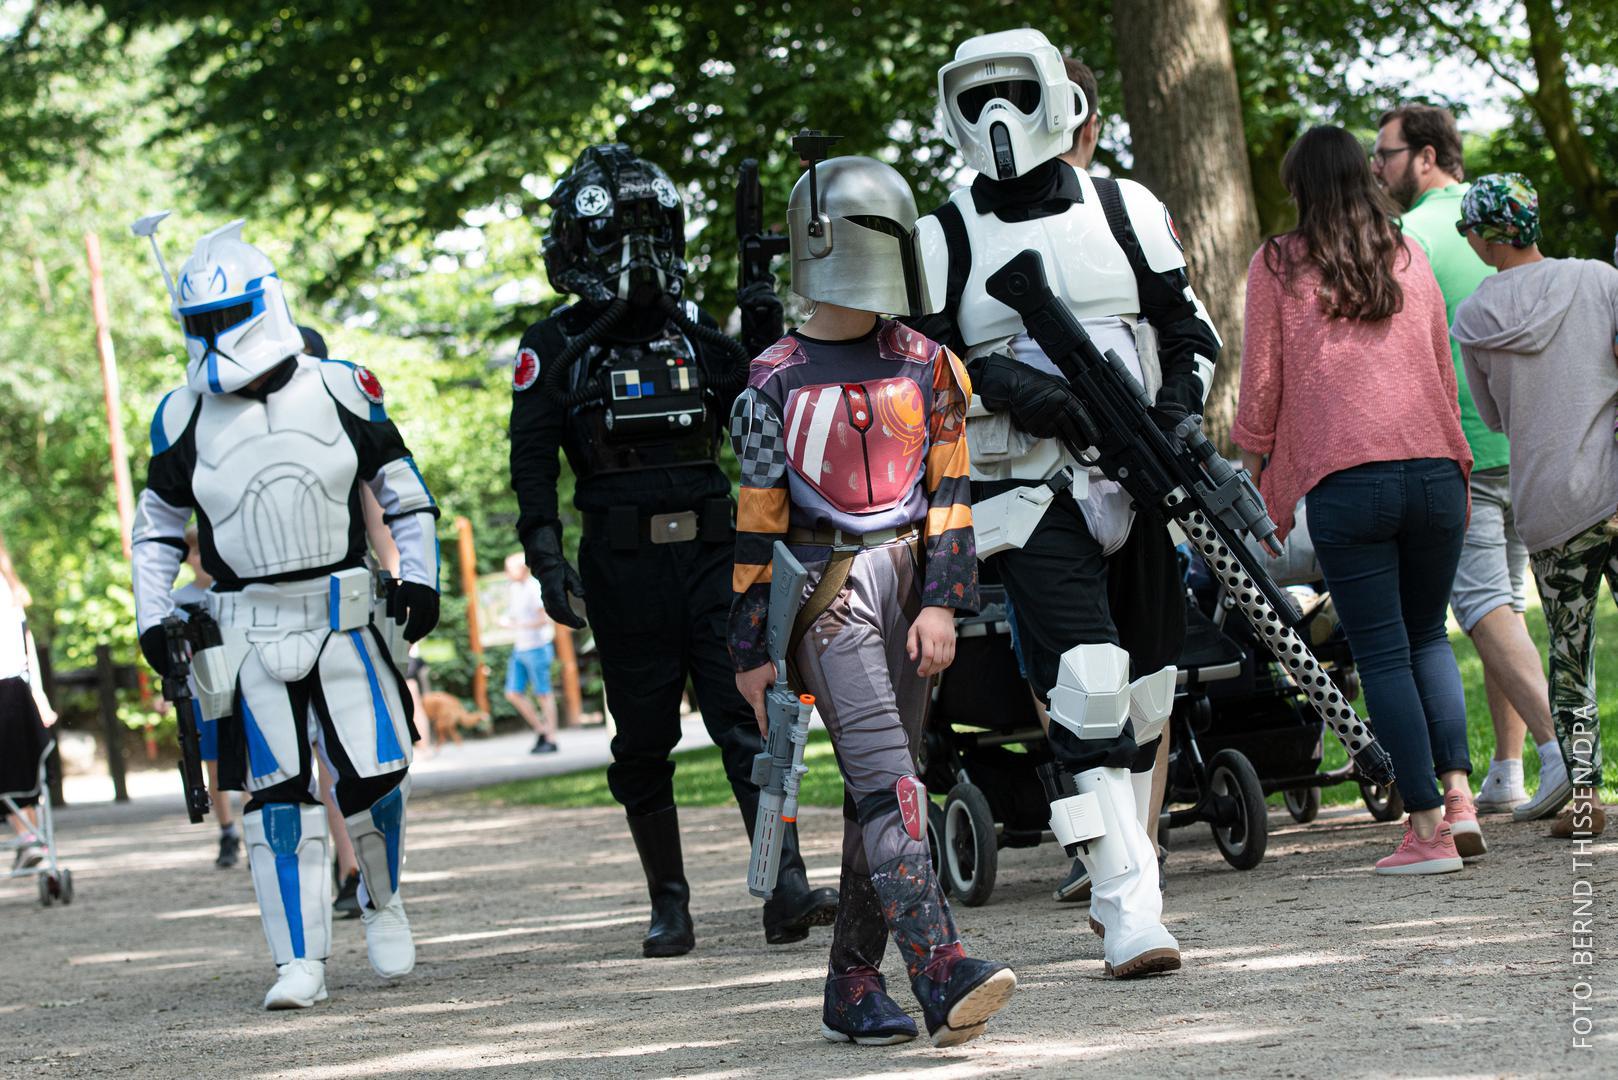 Mehrere Star-Wars-Fans in Kostüm im Zoo in Münster.